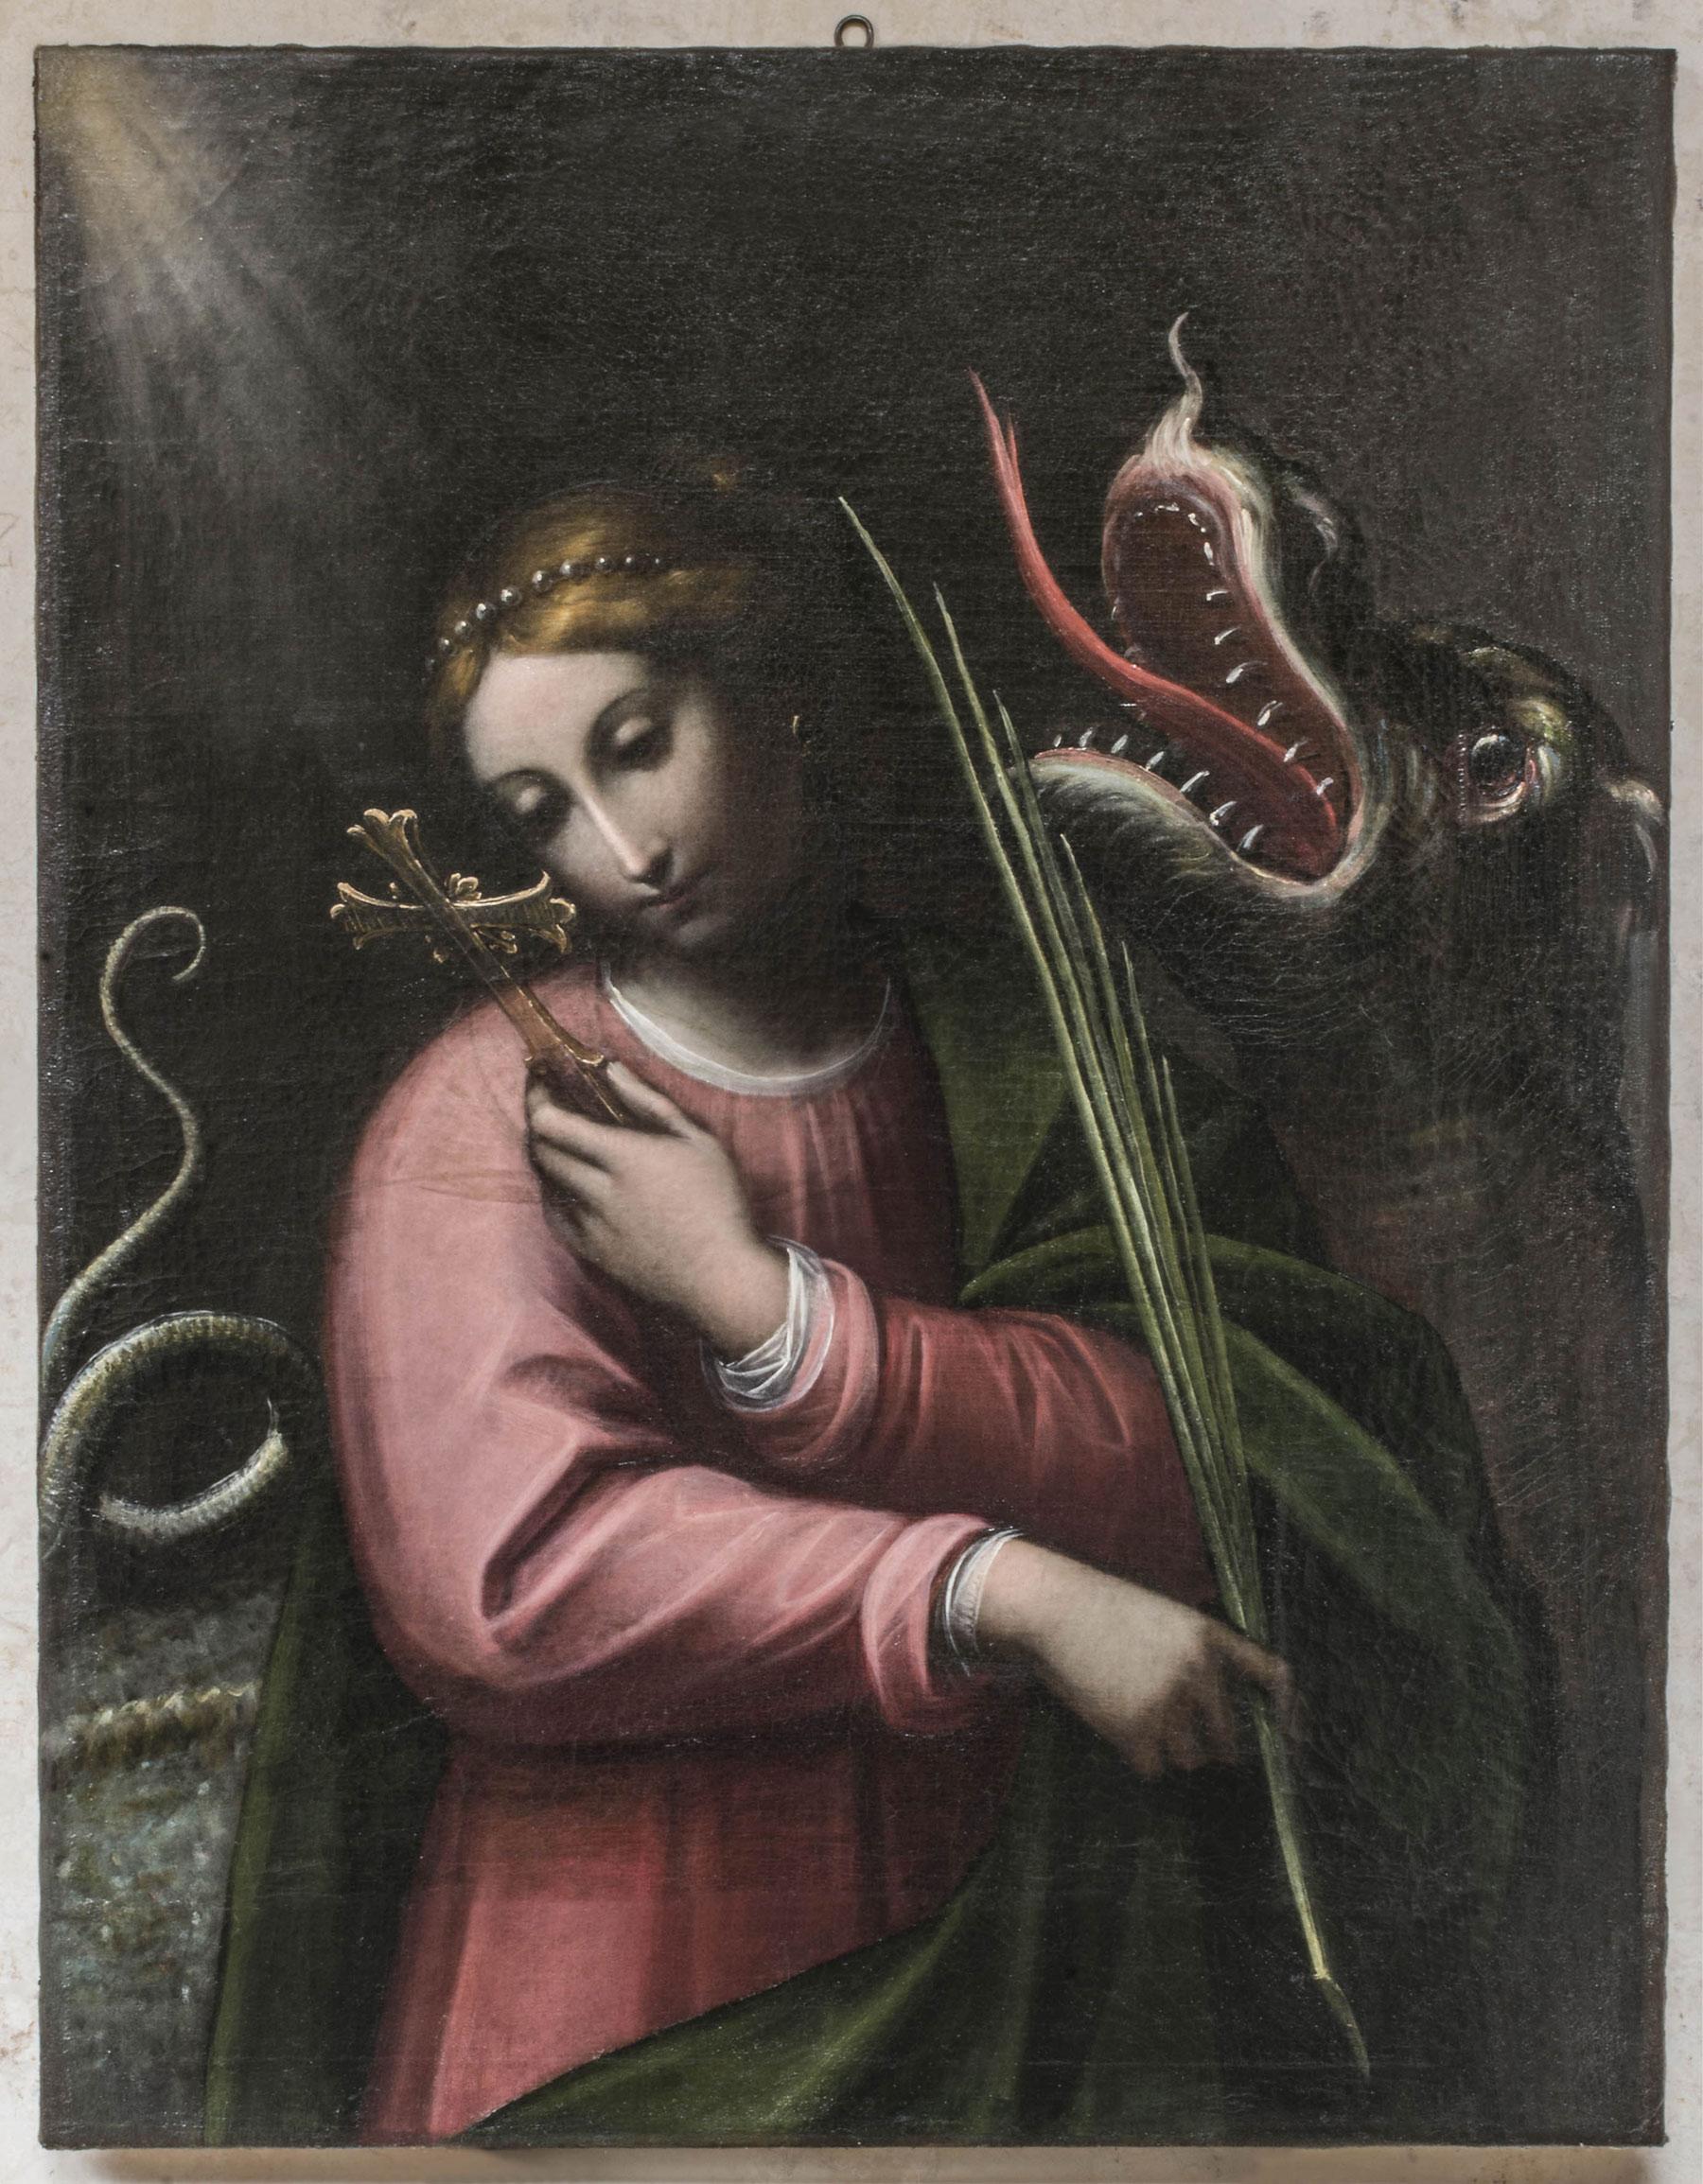 Orsola Maddalena Caccia, Santa Margherita d'Antiochia (1640-1650 circa; olio su tela, 95 x 73 cm; Curtatone, santuario della Beata Vergine delle Grazie)